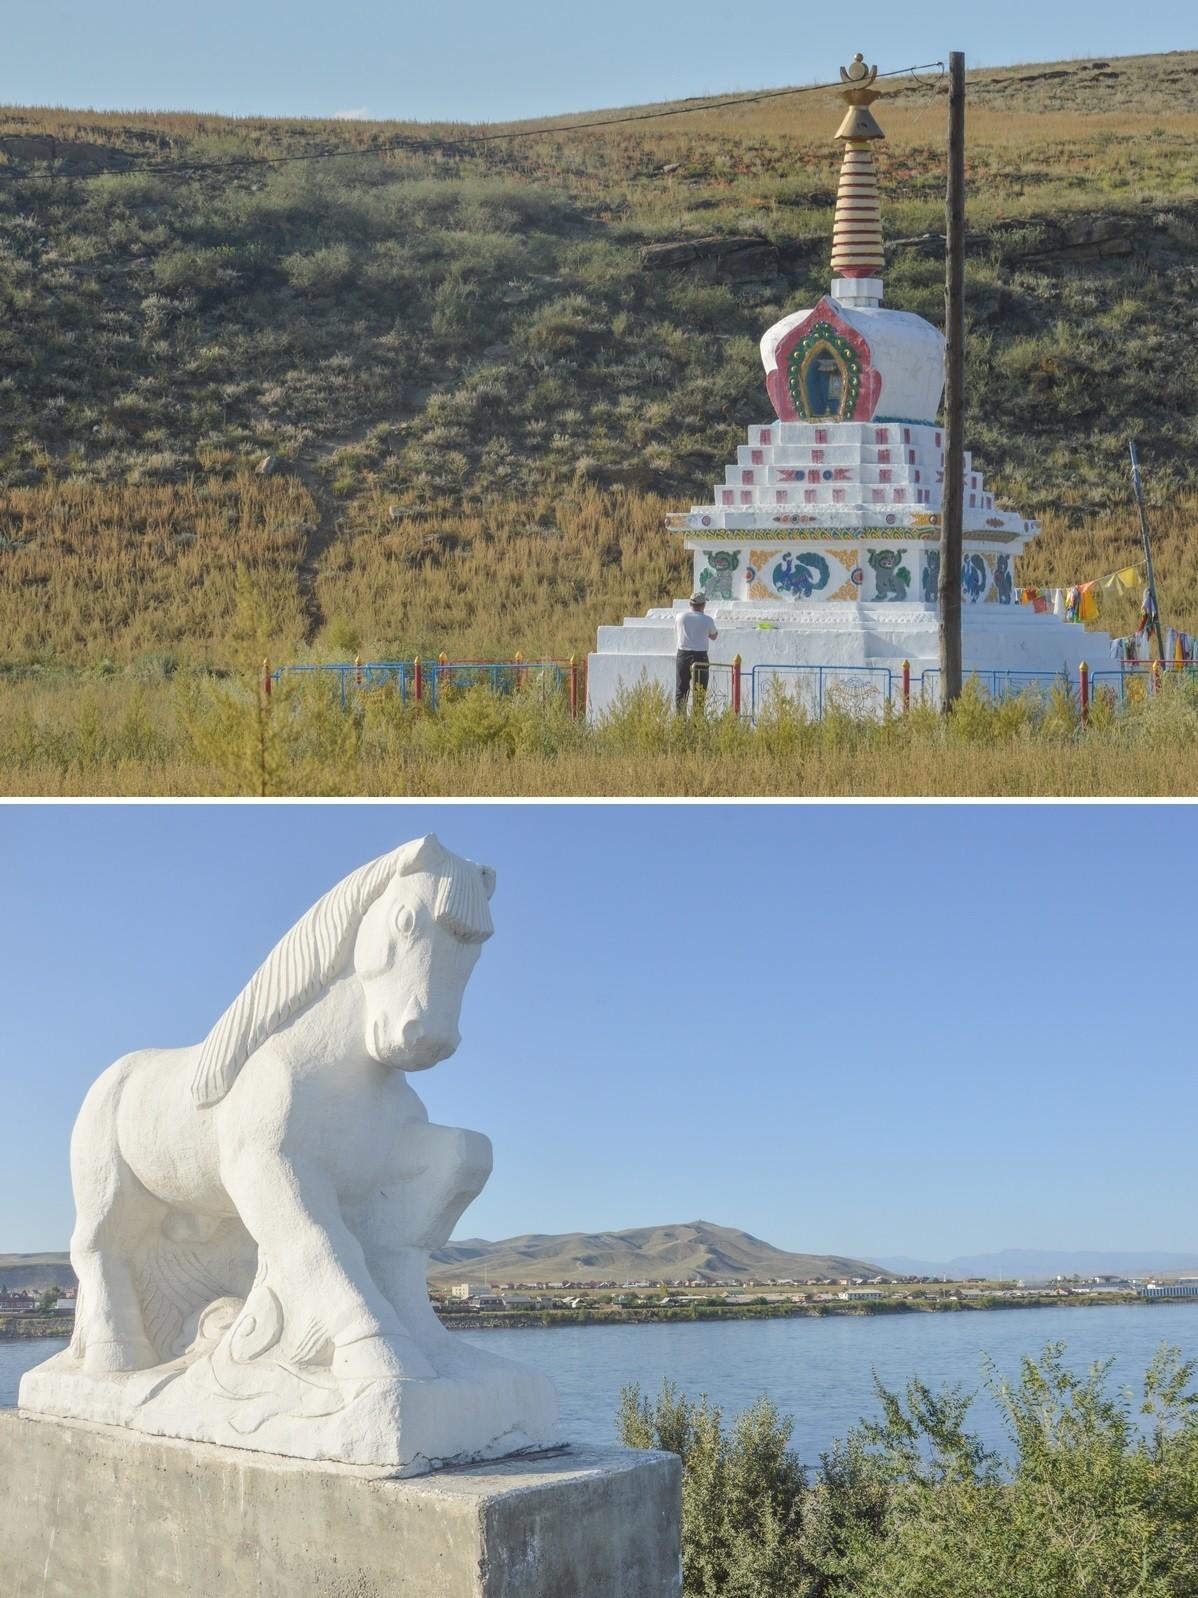 Cette république méconnue, aux portes de la Mongolie, constitue l'un des recoins les plus reculés de Russie. En plus de n'être pas reliée au réseau ferroviaire national, jusqu'à fin 2018, aucune liaison aérienne directe avec Moscou ne permettait de s'y rendre.